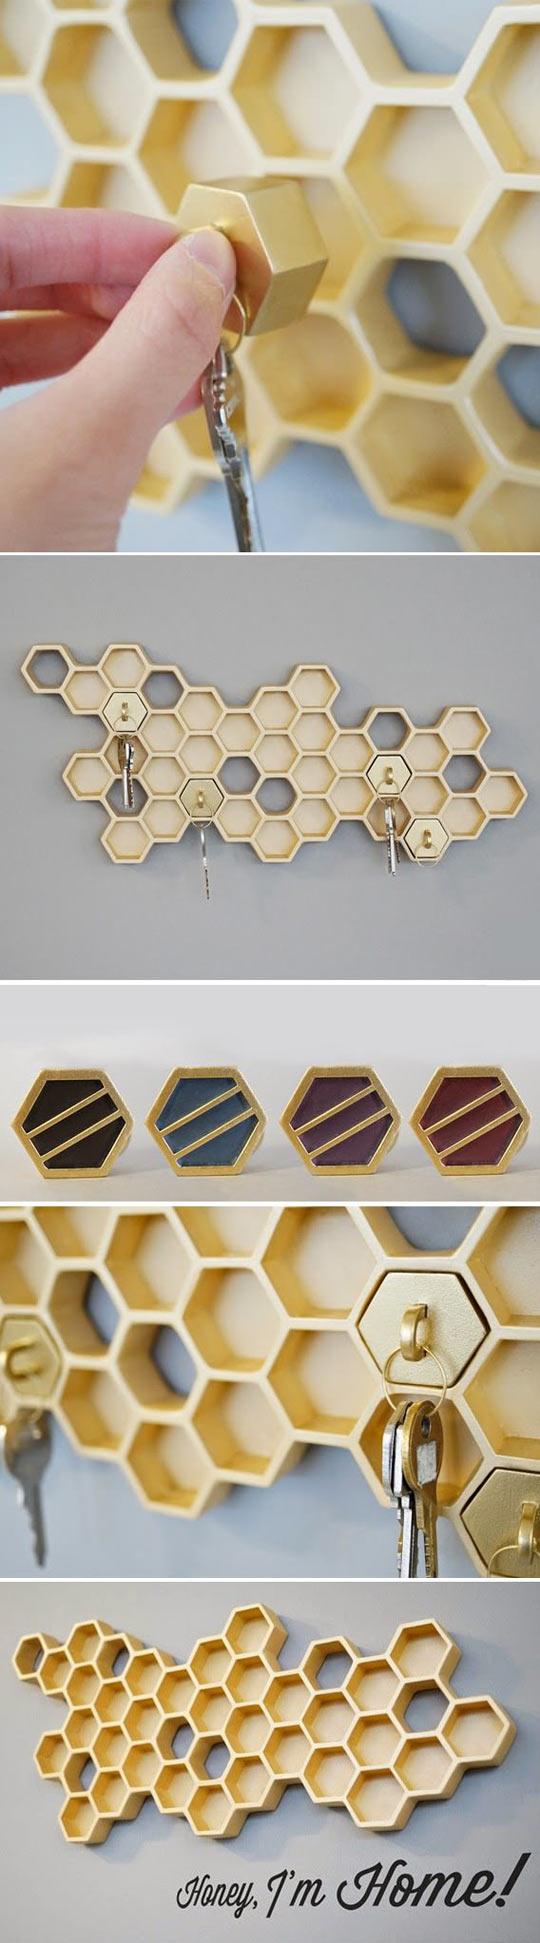 cool-key-holder-honey-design